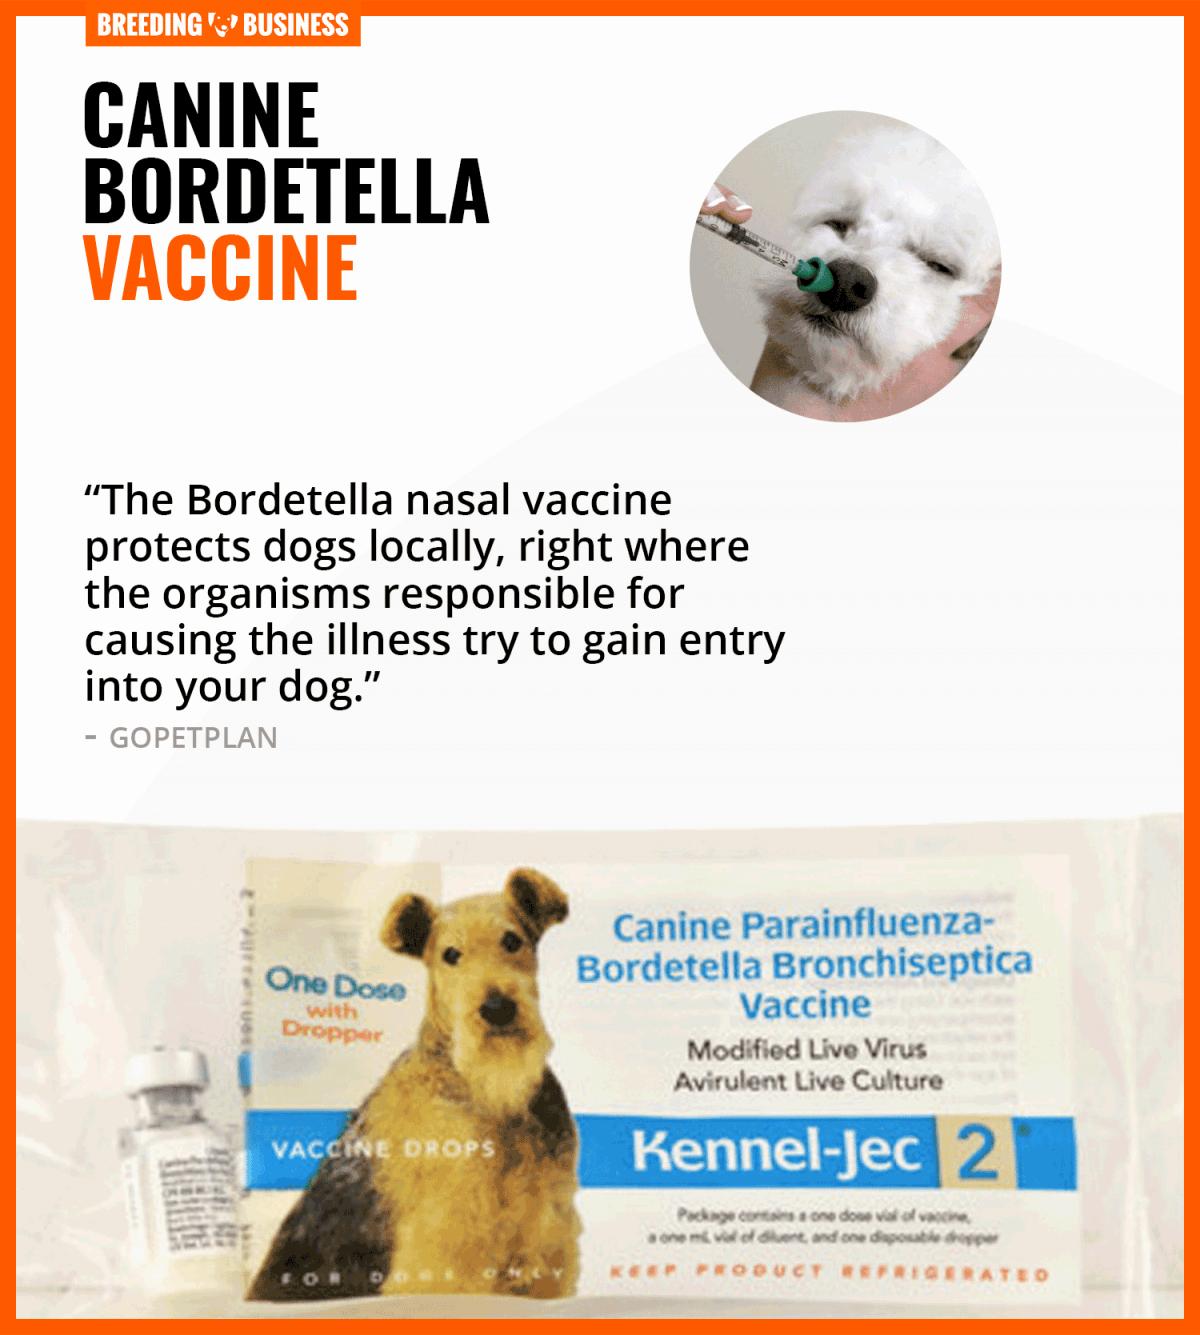 canine bordetella vaccine